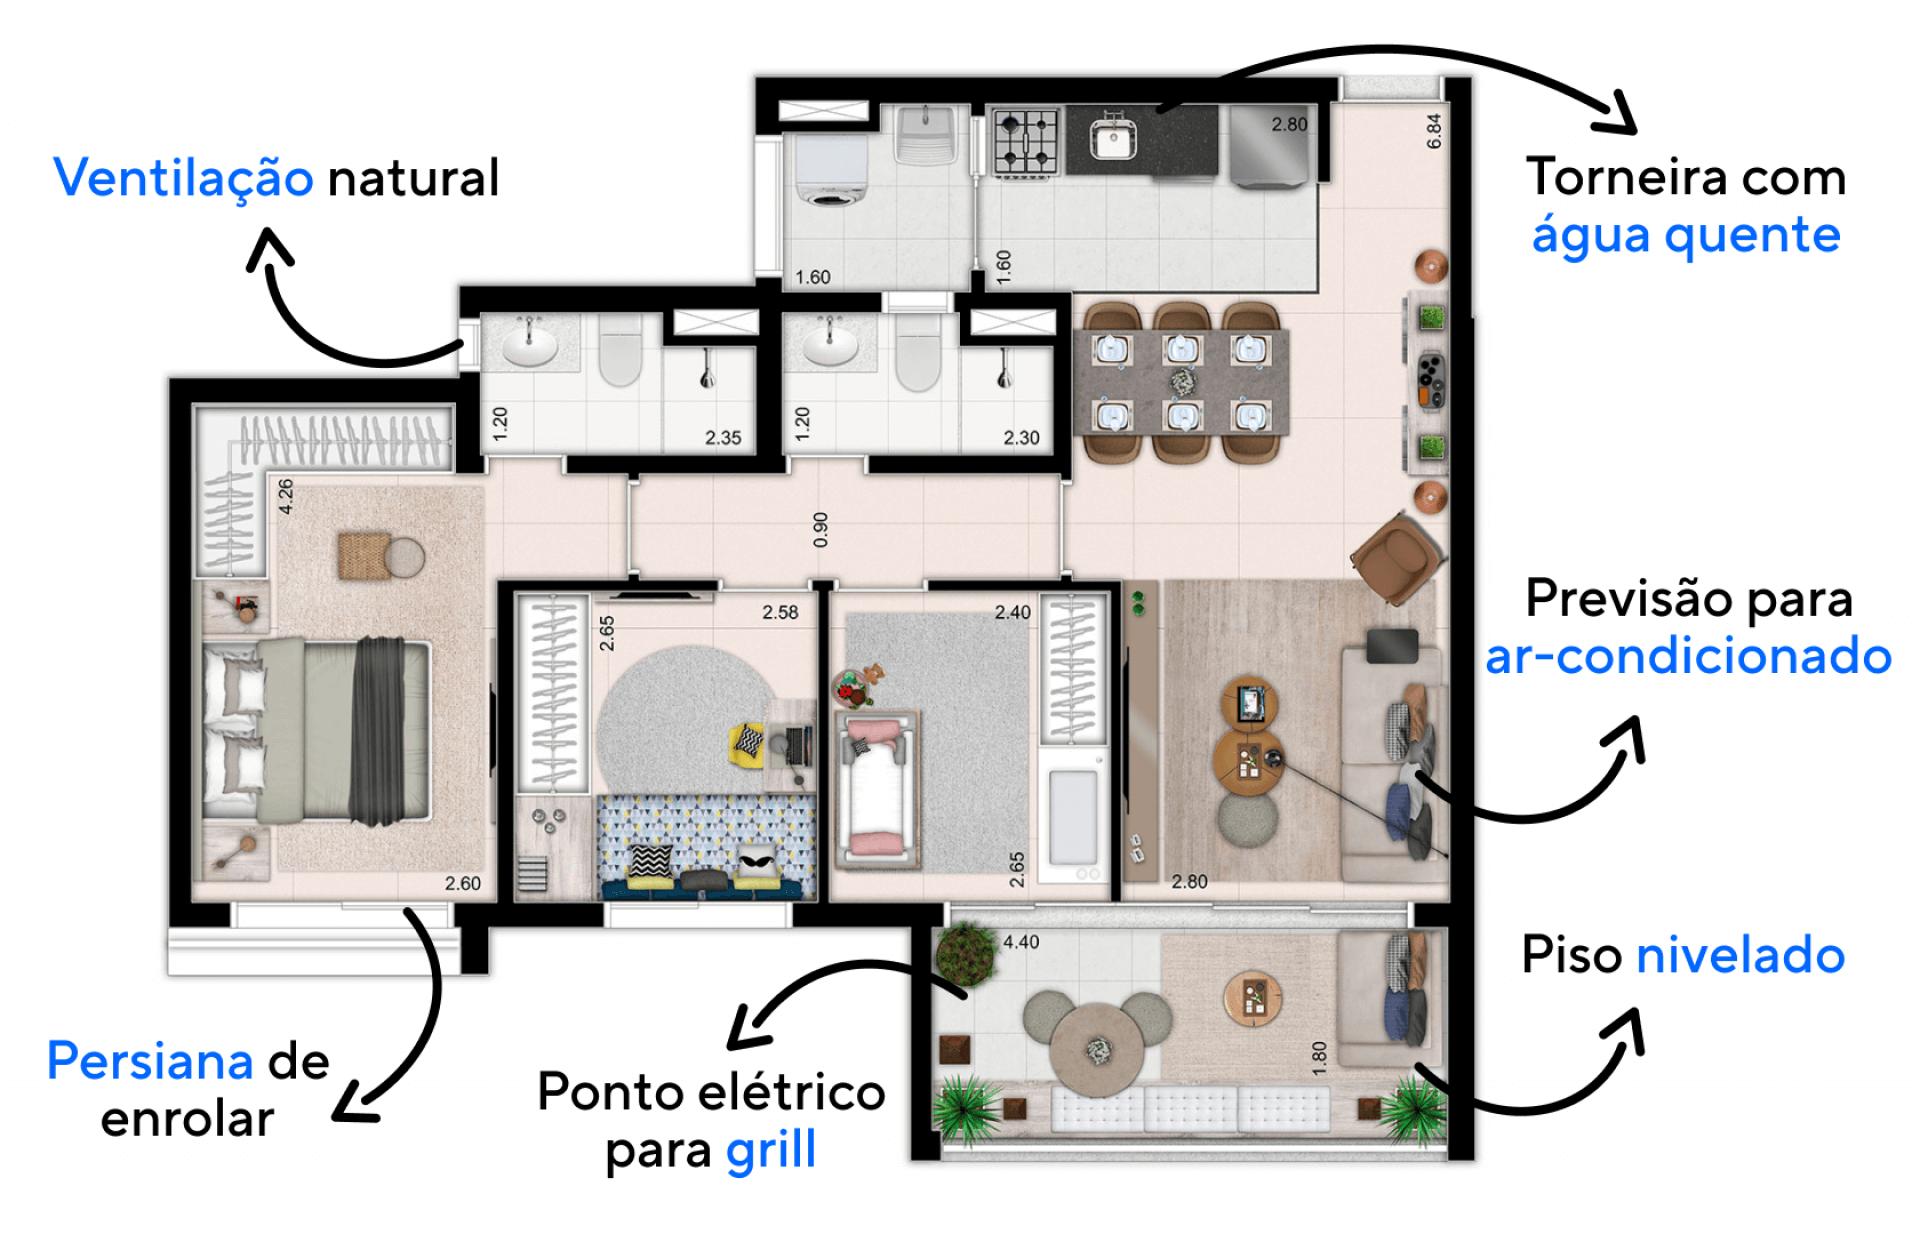 81 M² - 2 DORMITÓRIOS, SENDO 1 SUÍTE. Apartamentos no Ipiranga com confortáveis dormitórios. Destaque para a suíte que, além de persiana de enrolar e previsão para ar-condicionado, conta com amplo espaço para armários.